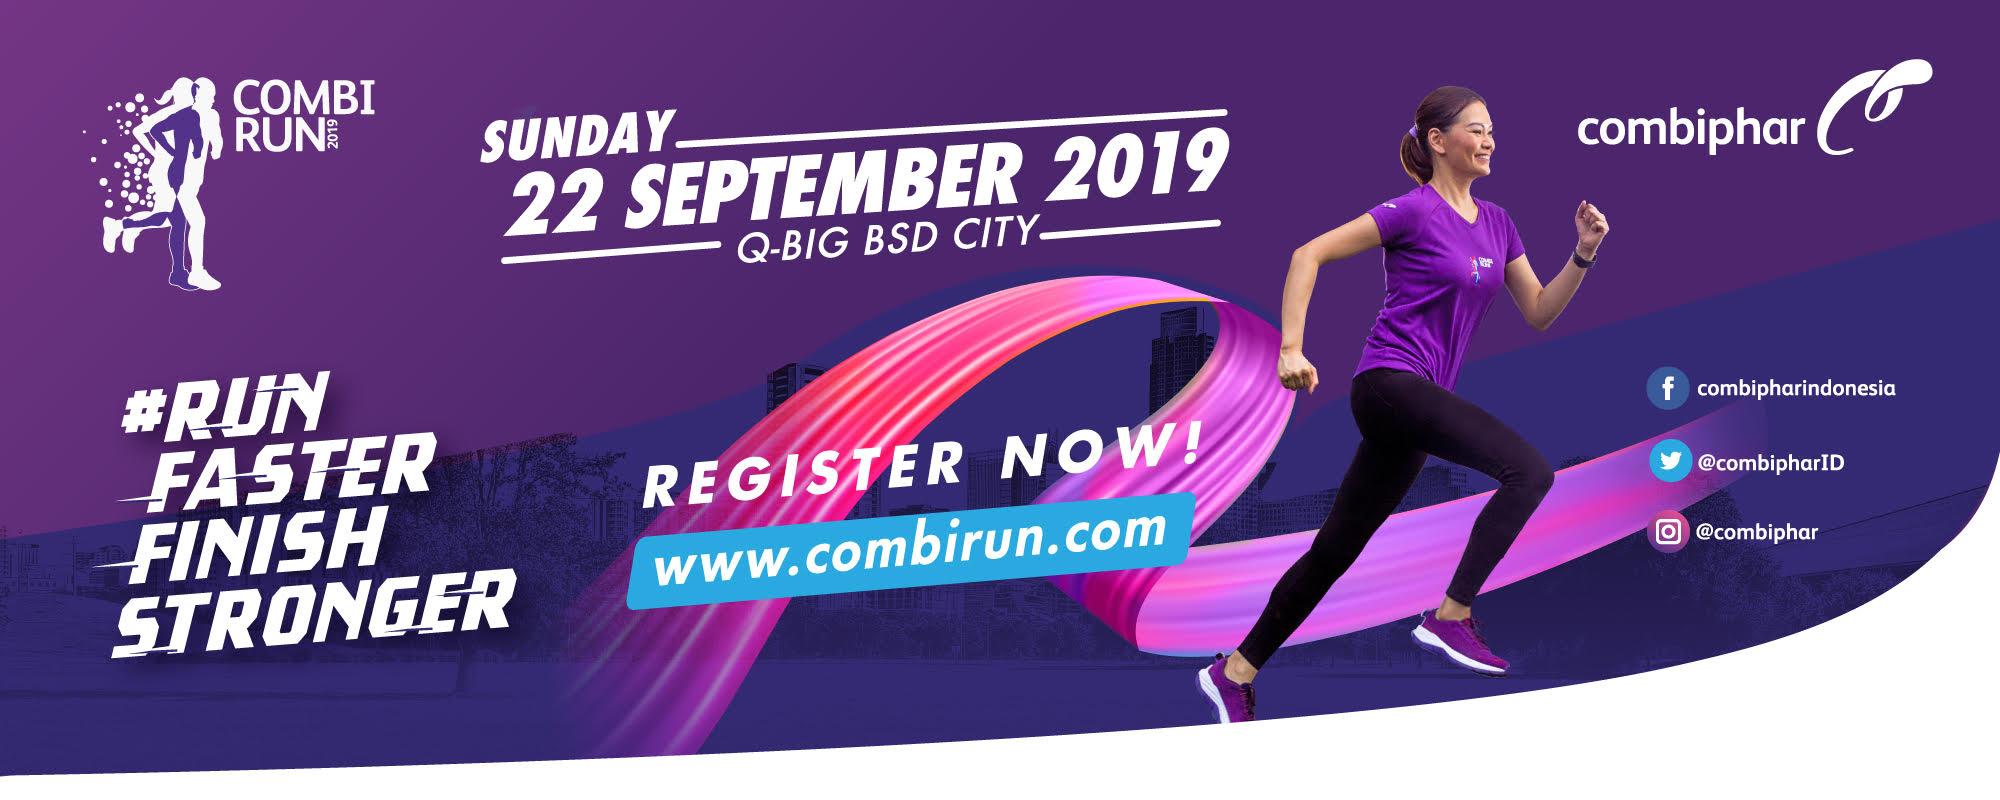 CombiRun 2019